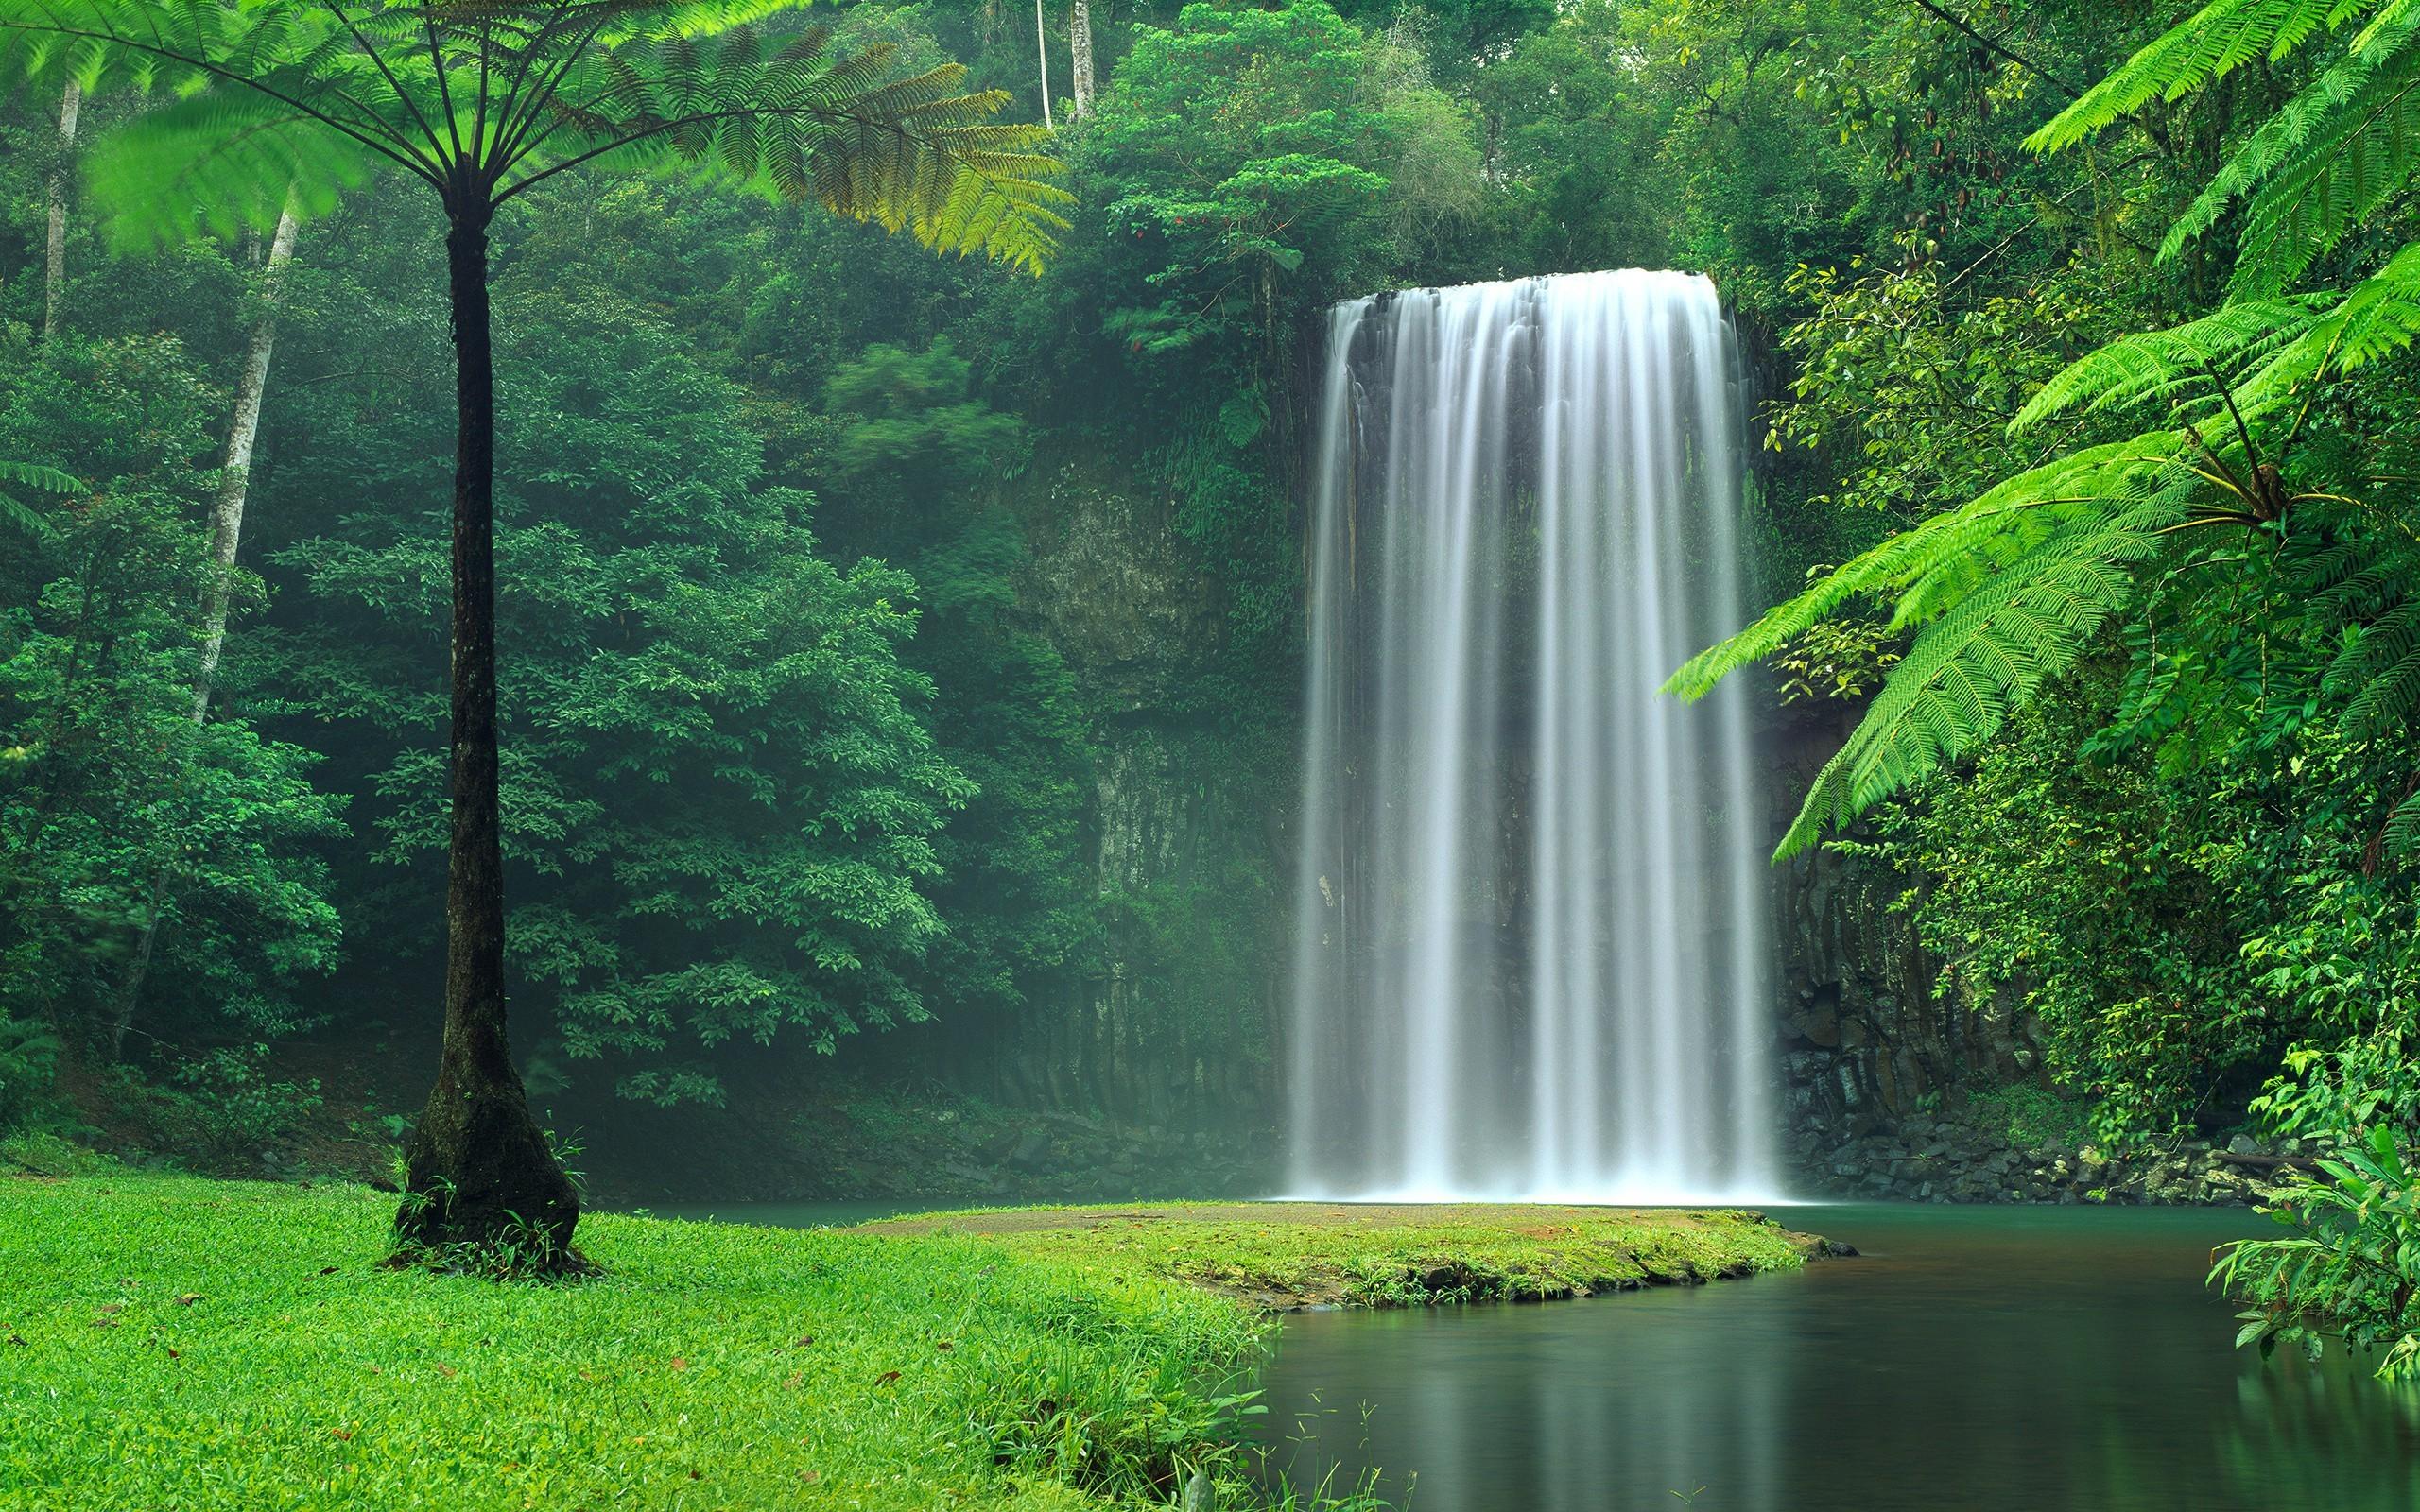 картинки для презентации на задний фон водопады представлял собой